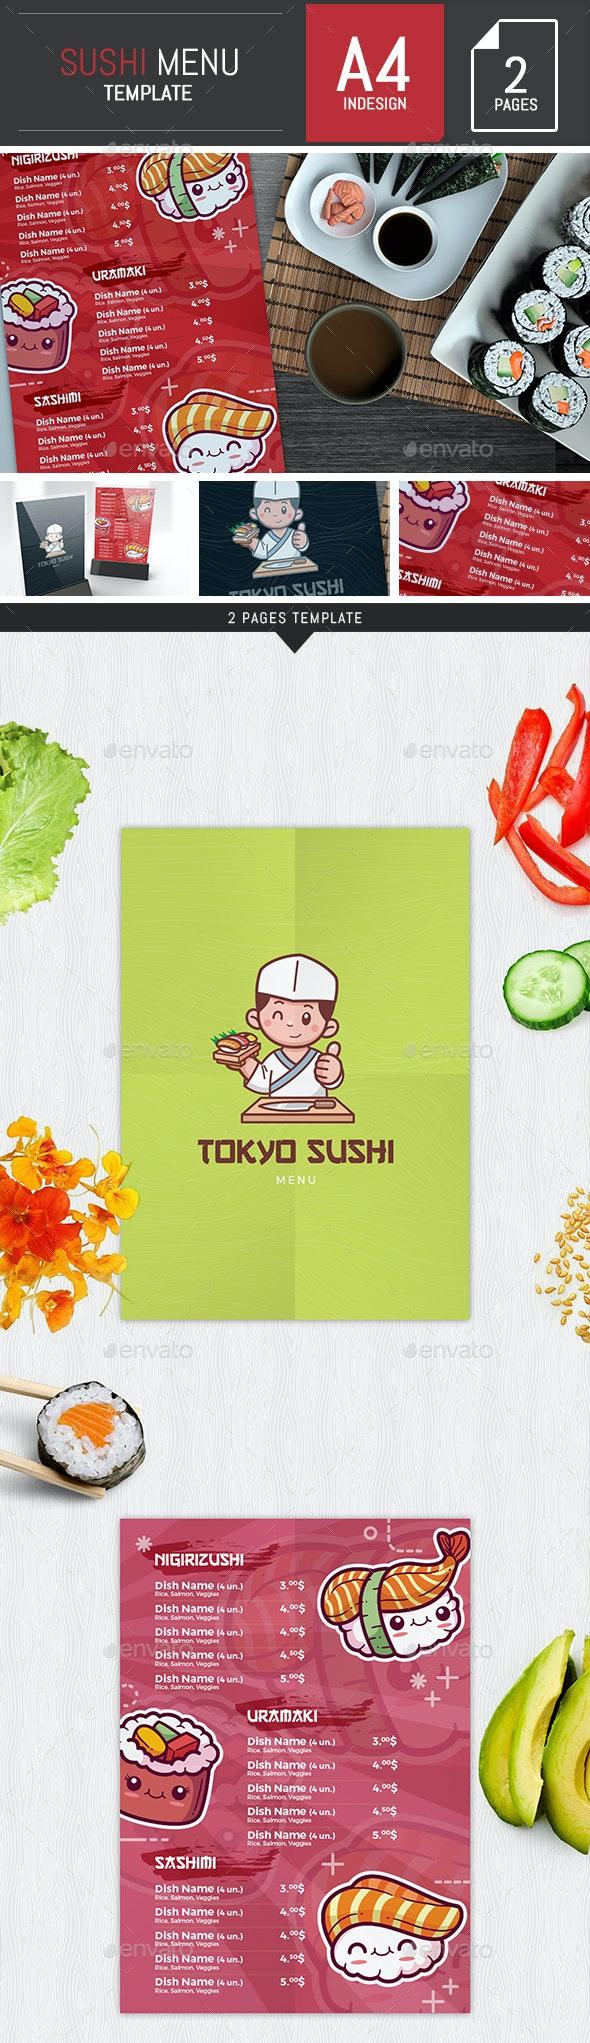 Sushi Restaurant Menu Template InDesign - Food Menus Print Templates